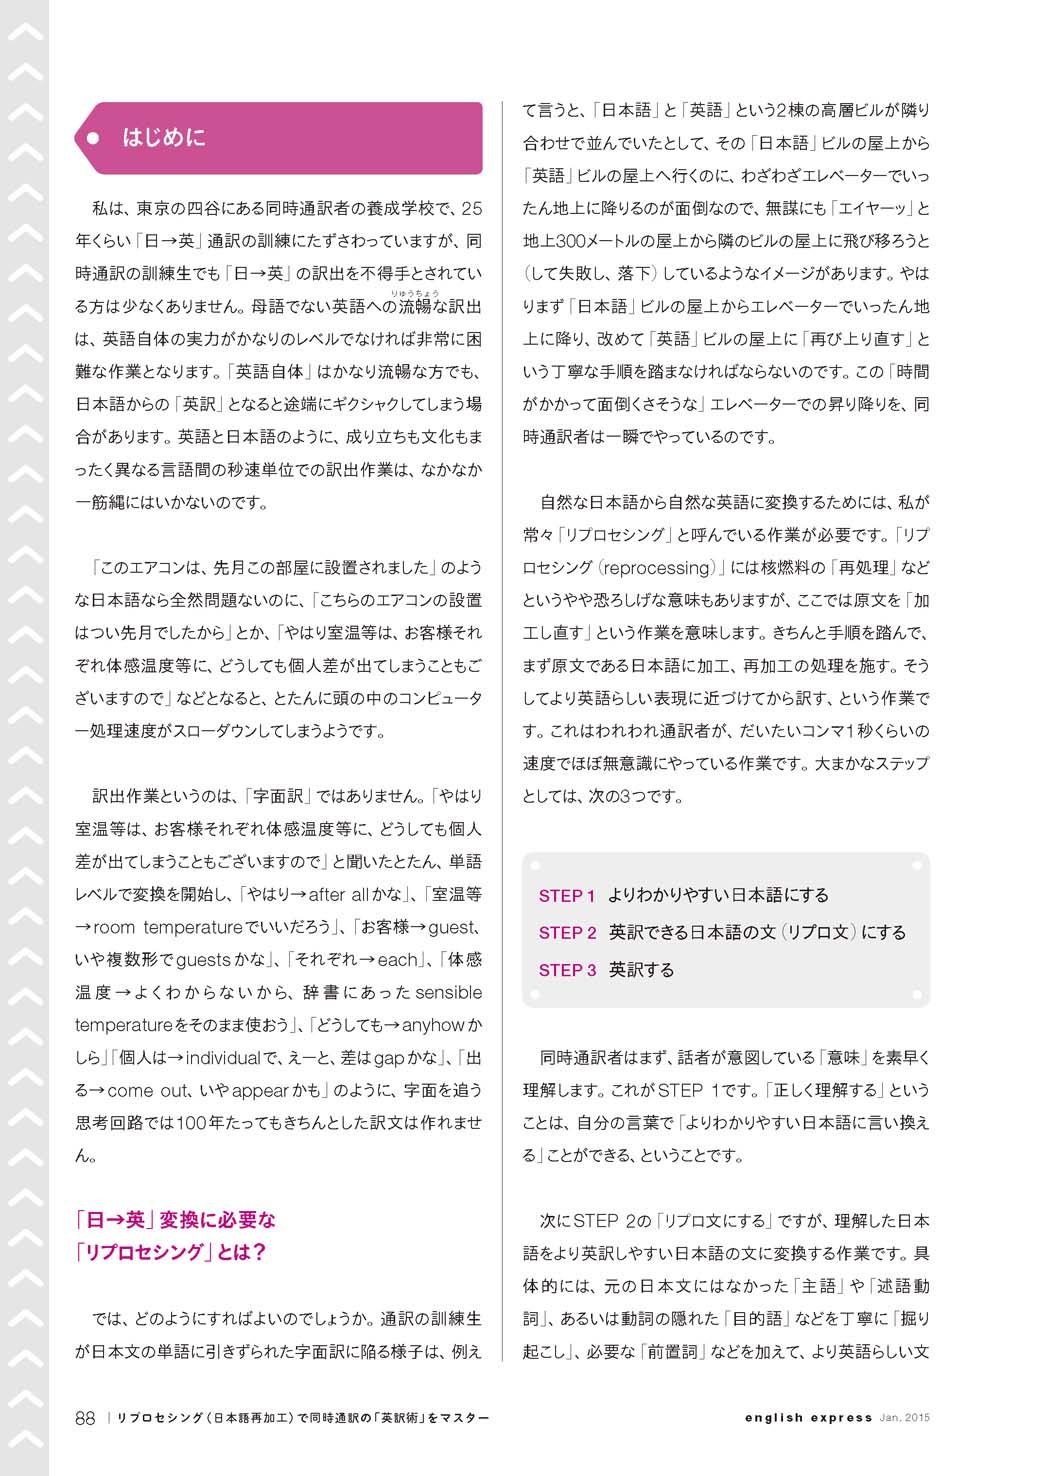 ◆特集#br#リプロセシング(日本語再加工)で#br#同時通訳の英訳術をマスター